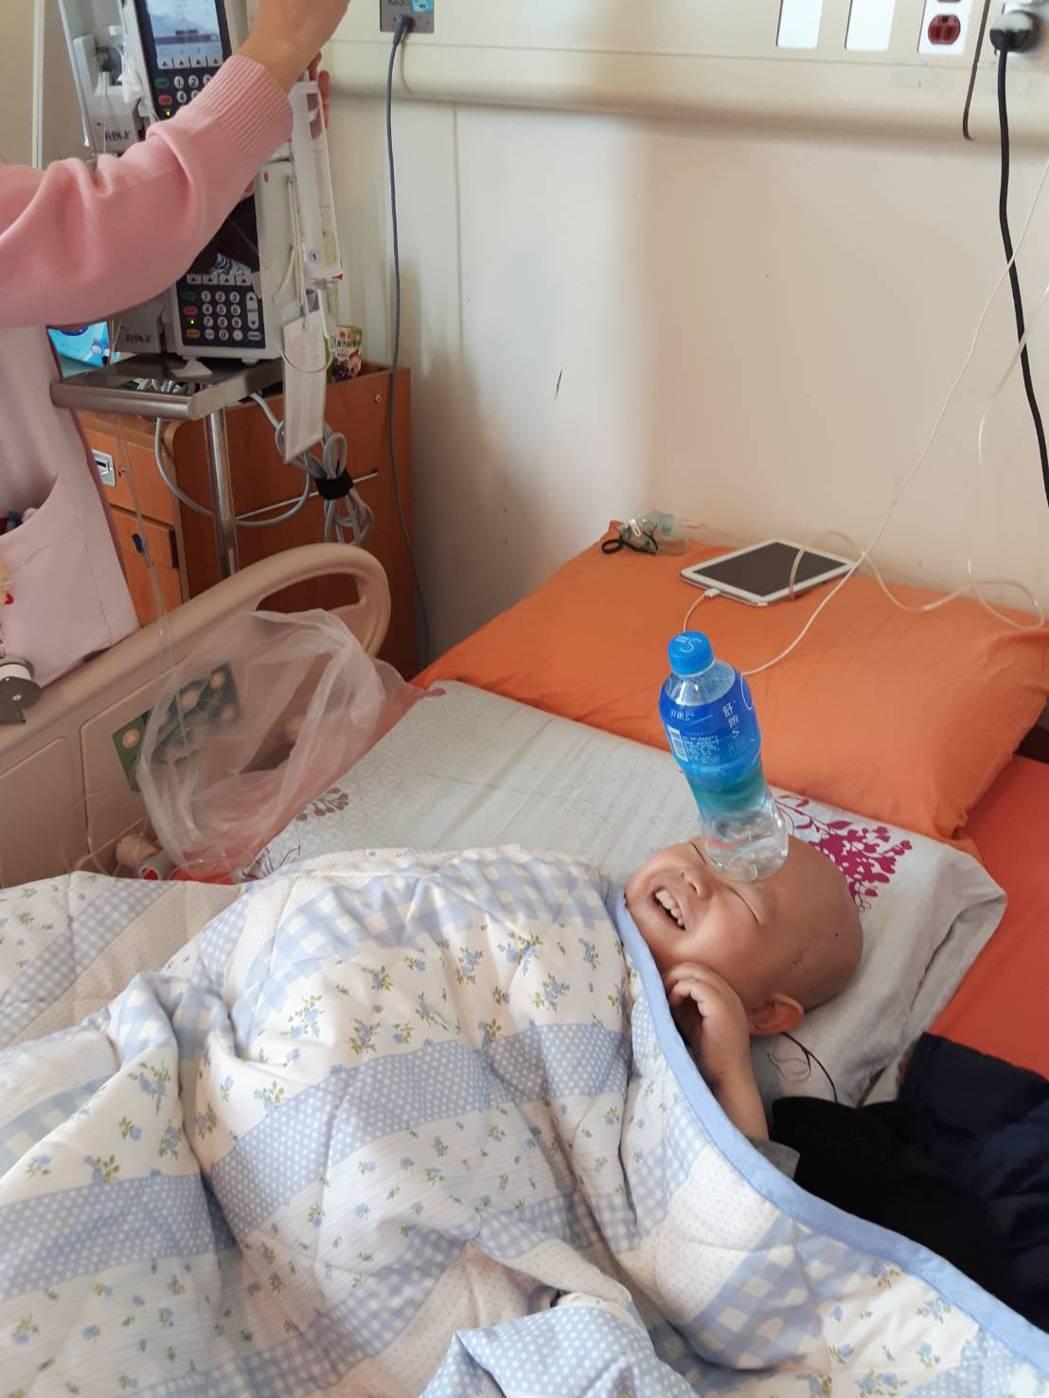 癌童黃琥淵「特技表演」呈現躺在病床,卻依舊以笑臉面對生活照,獲得攝影比賽首獎。...